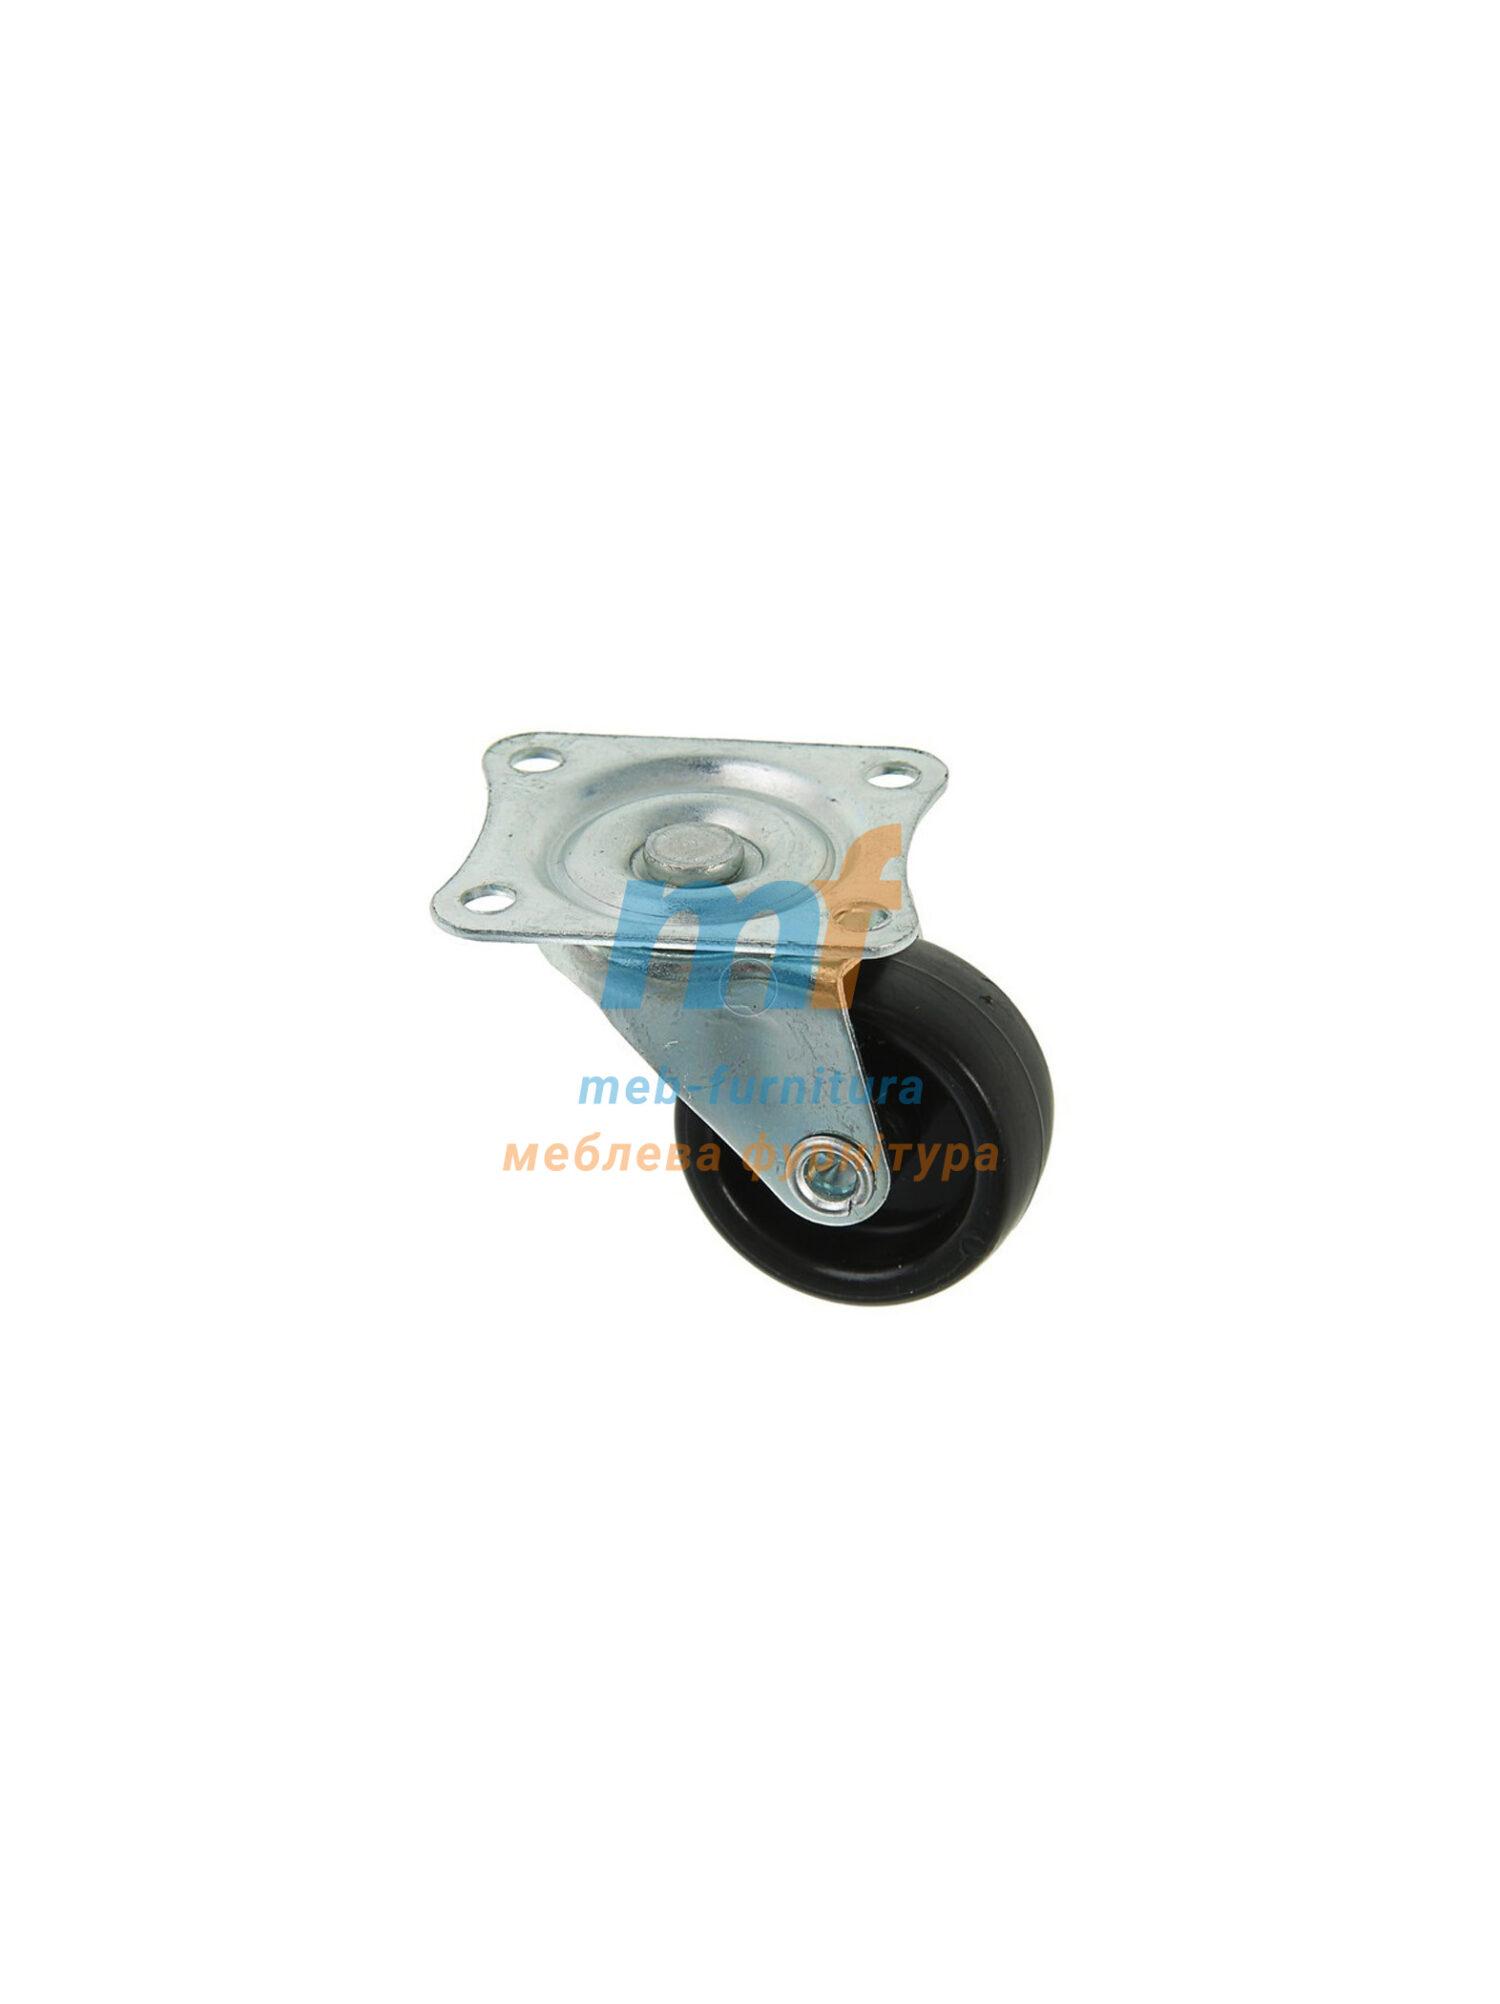 Колесо резина на платформе 30мм (3-004)